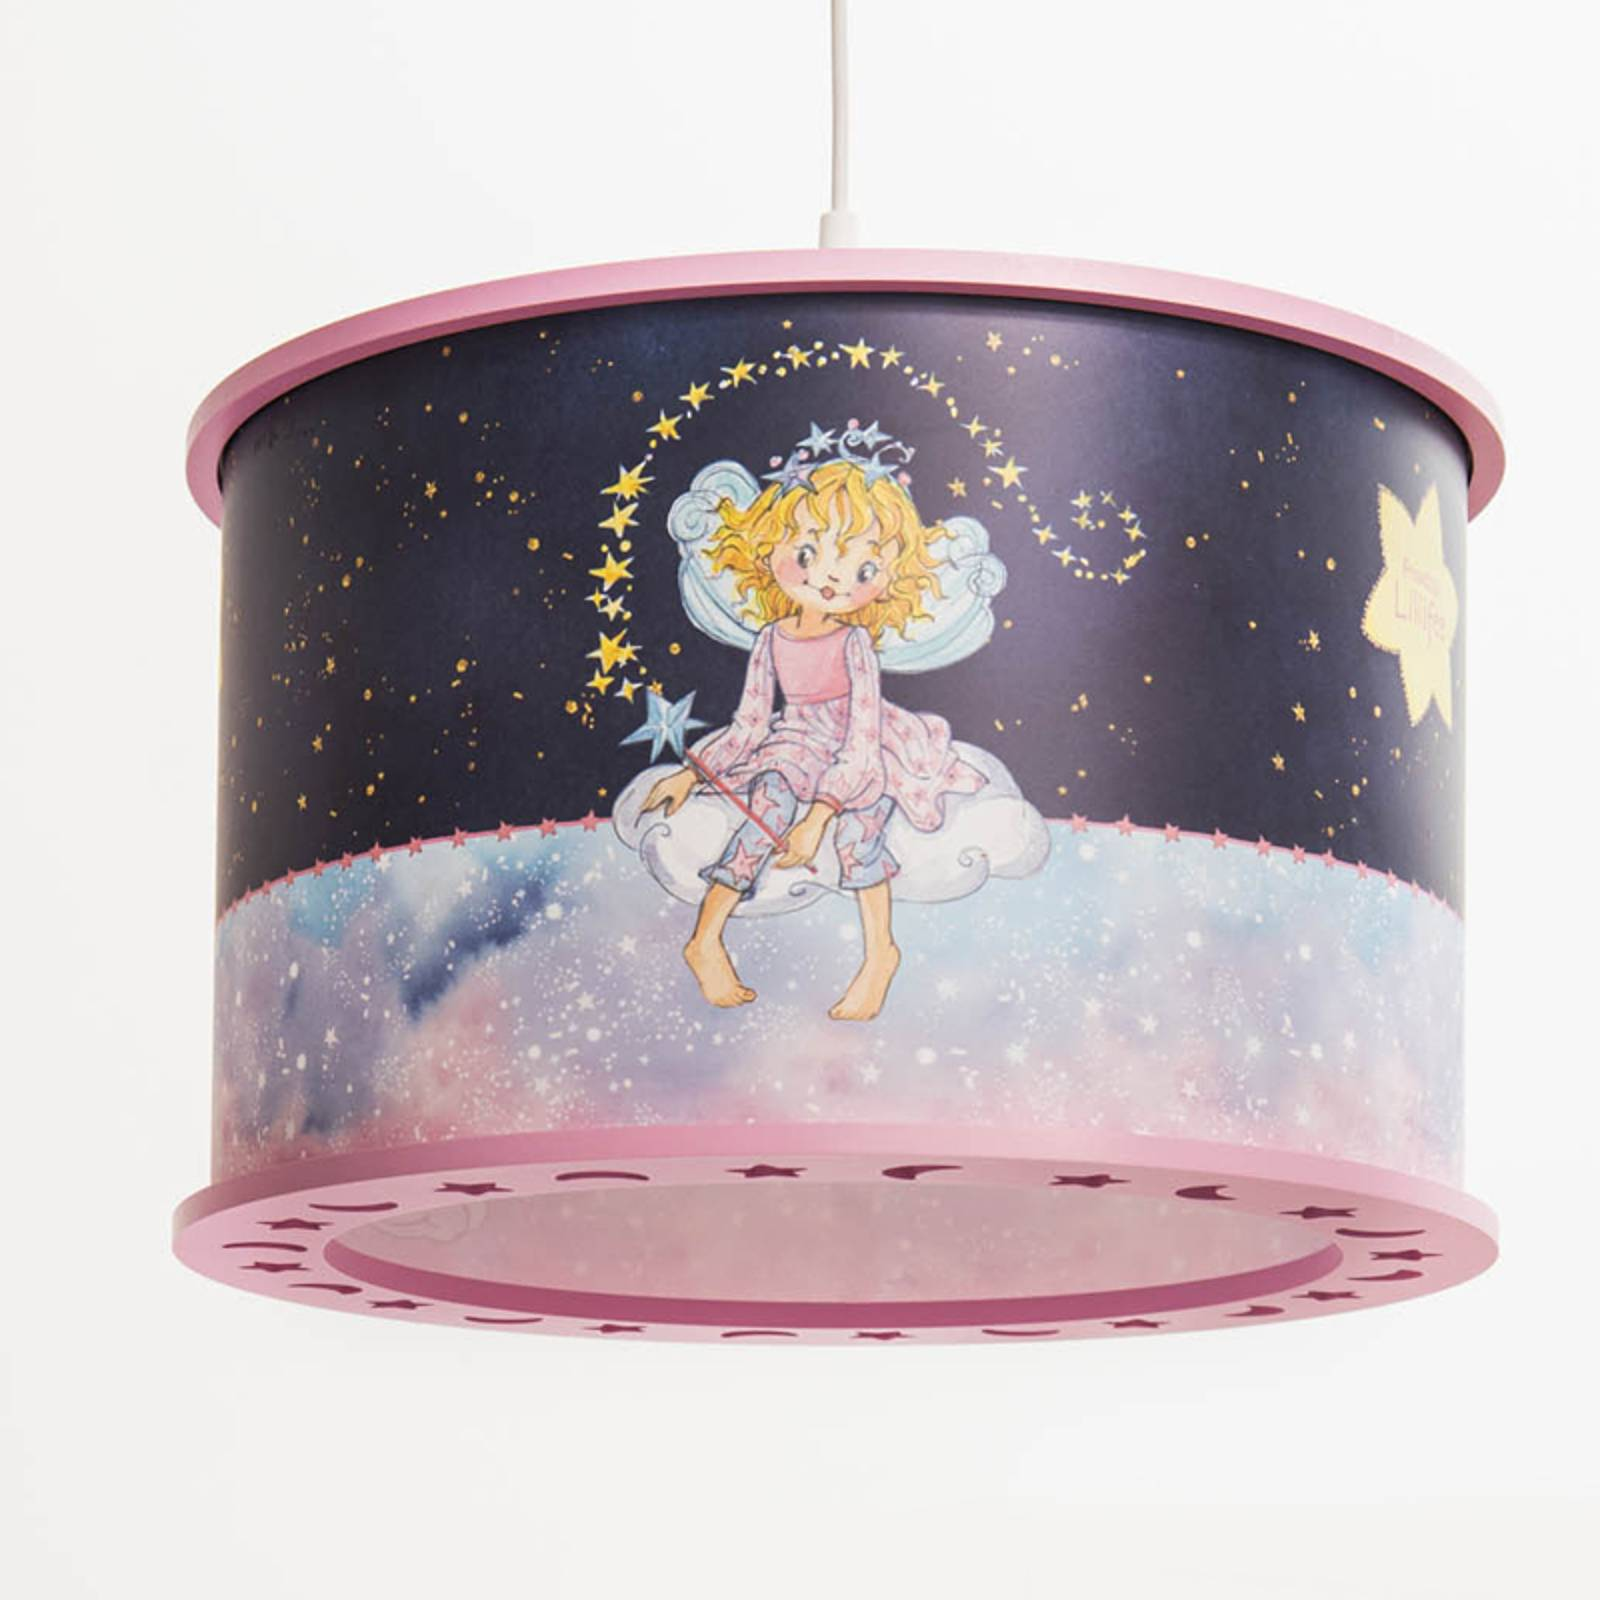 Riippuvalo Prinsessa Lillifee, tähtitaikoja